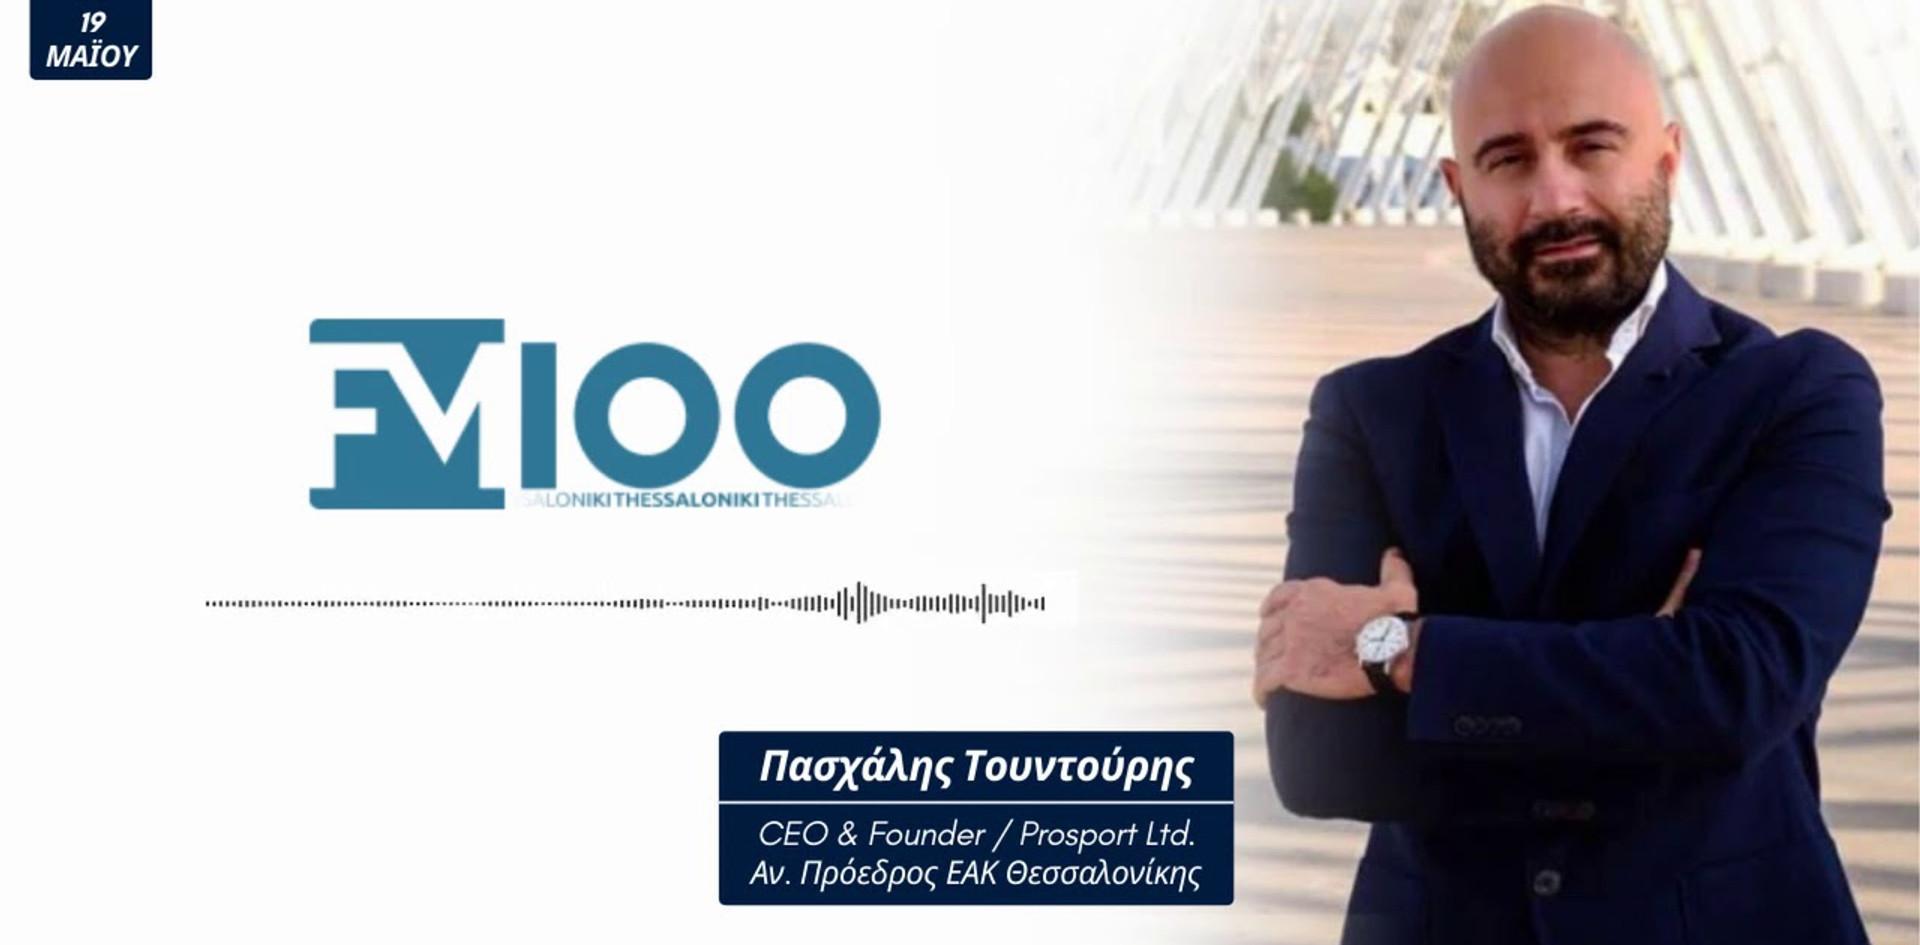 Ο Πασχάλης Τουντούρης στο Δημοτικό Ραδιόφωνο Θεσσαλονίκης FM 100